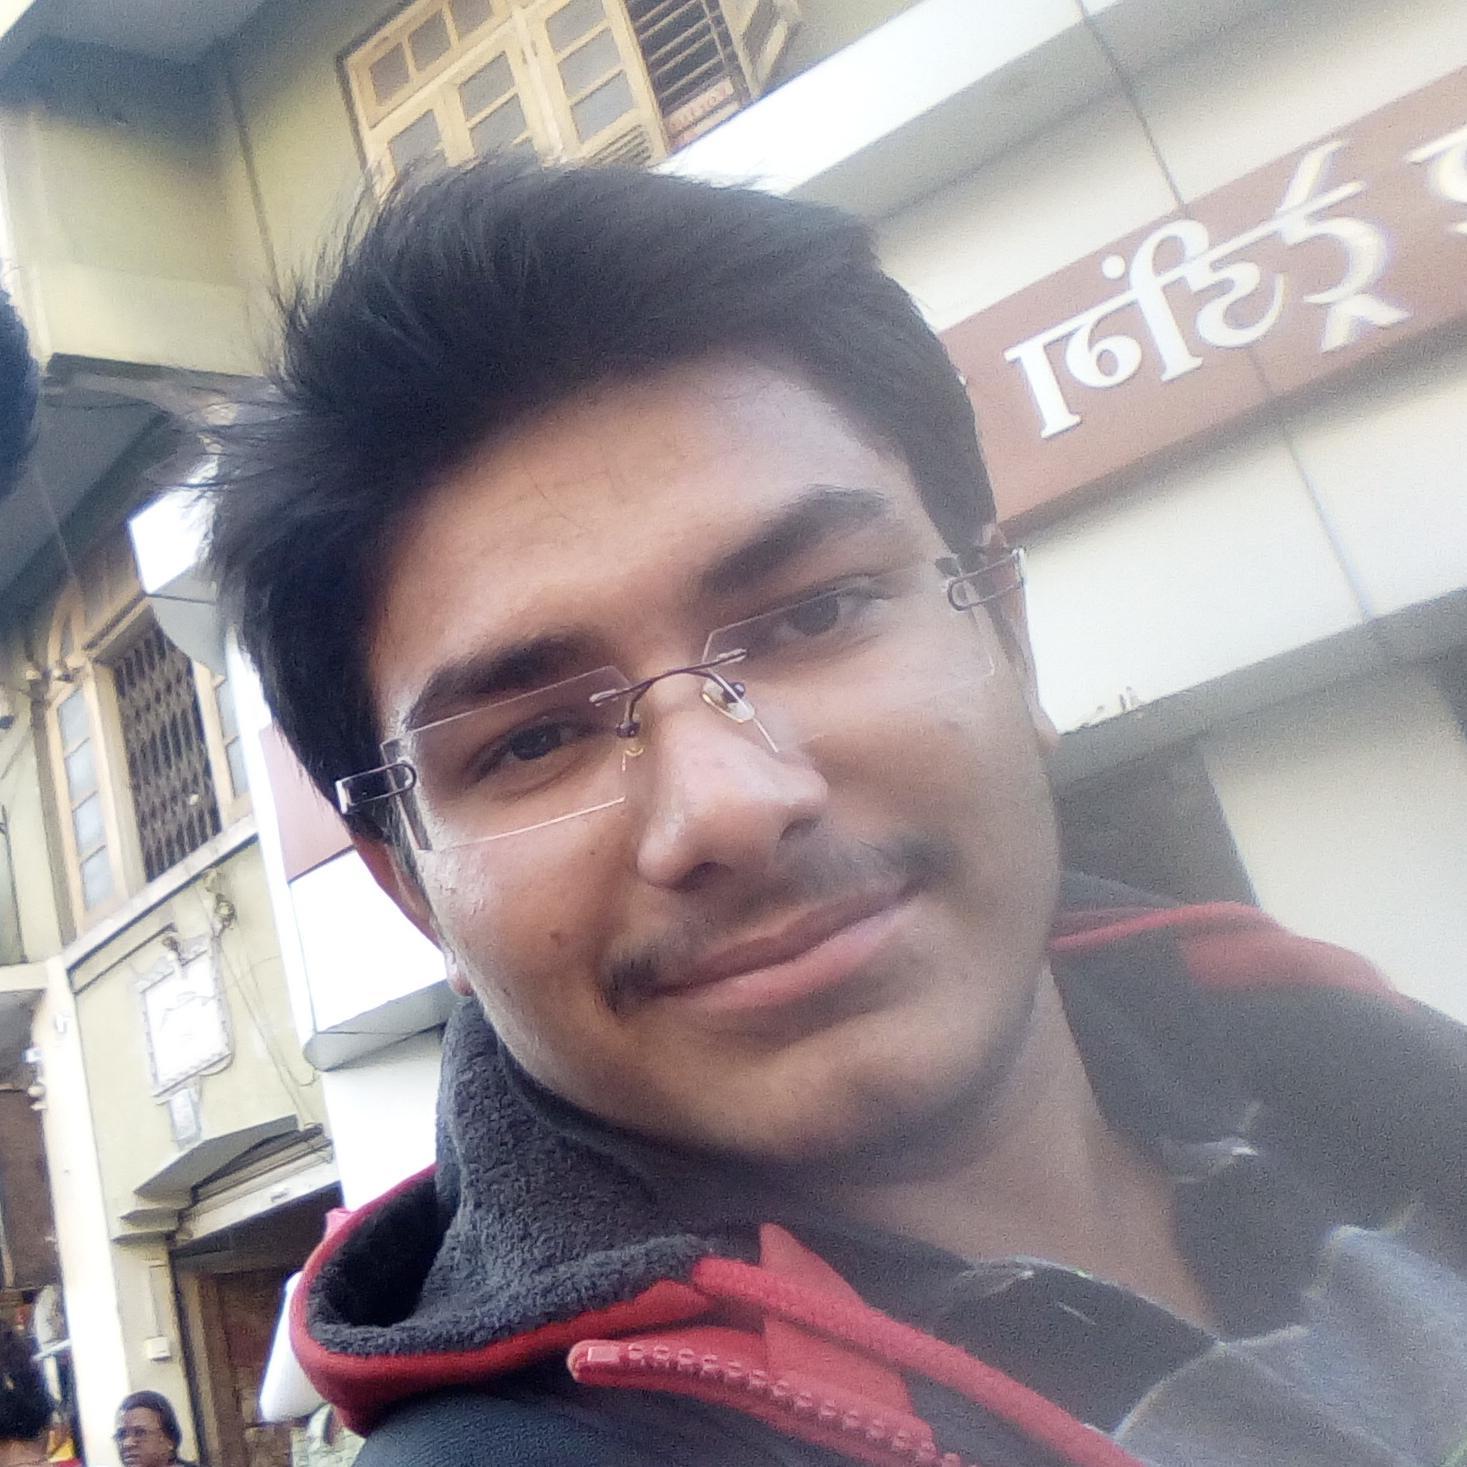 Darshan Rayate